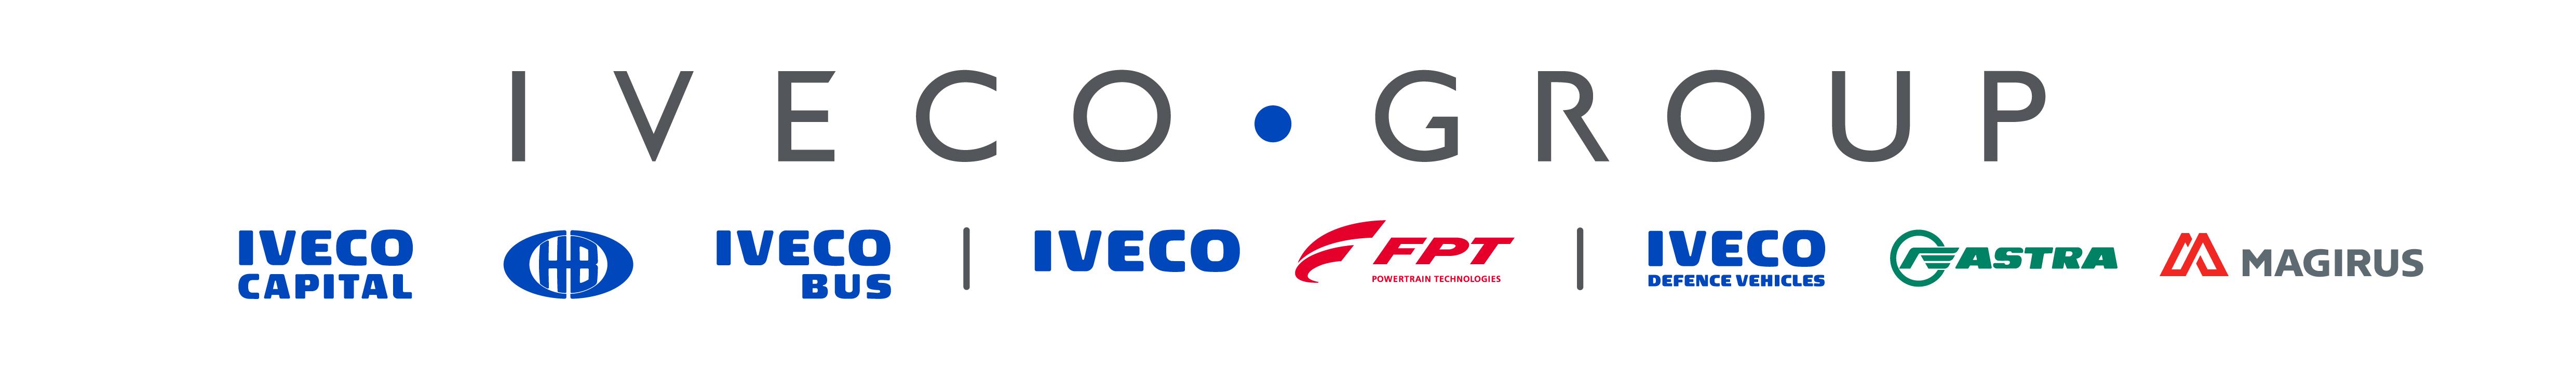 Името и логото на Iveco Group гледат в бъдещето